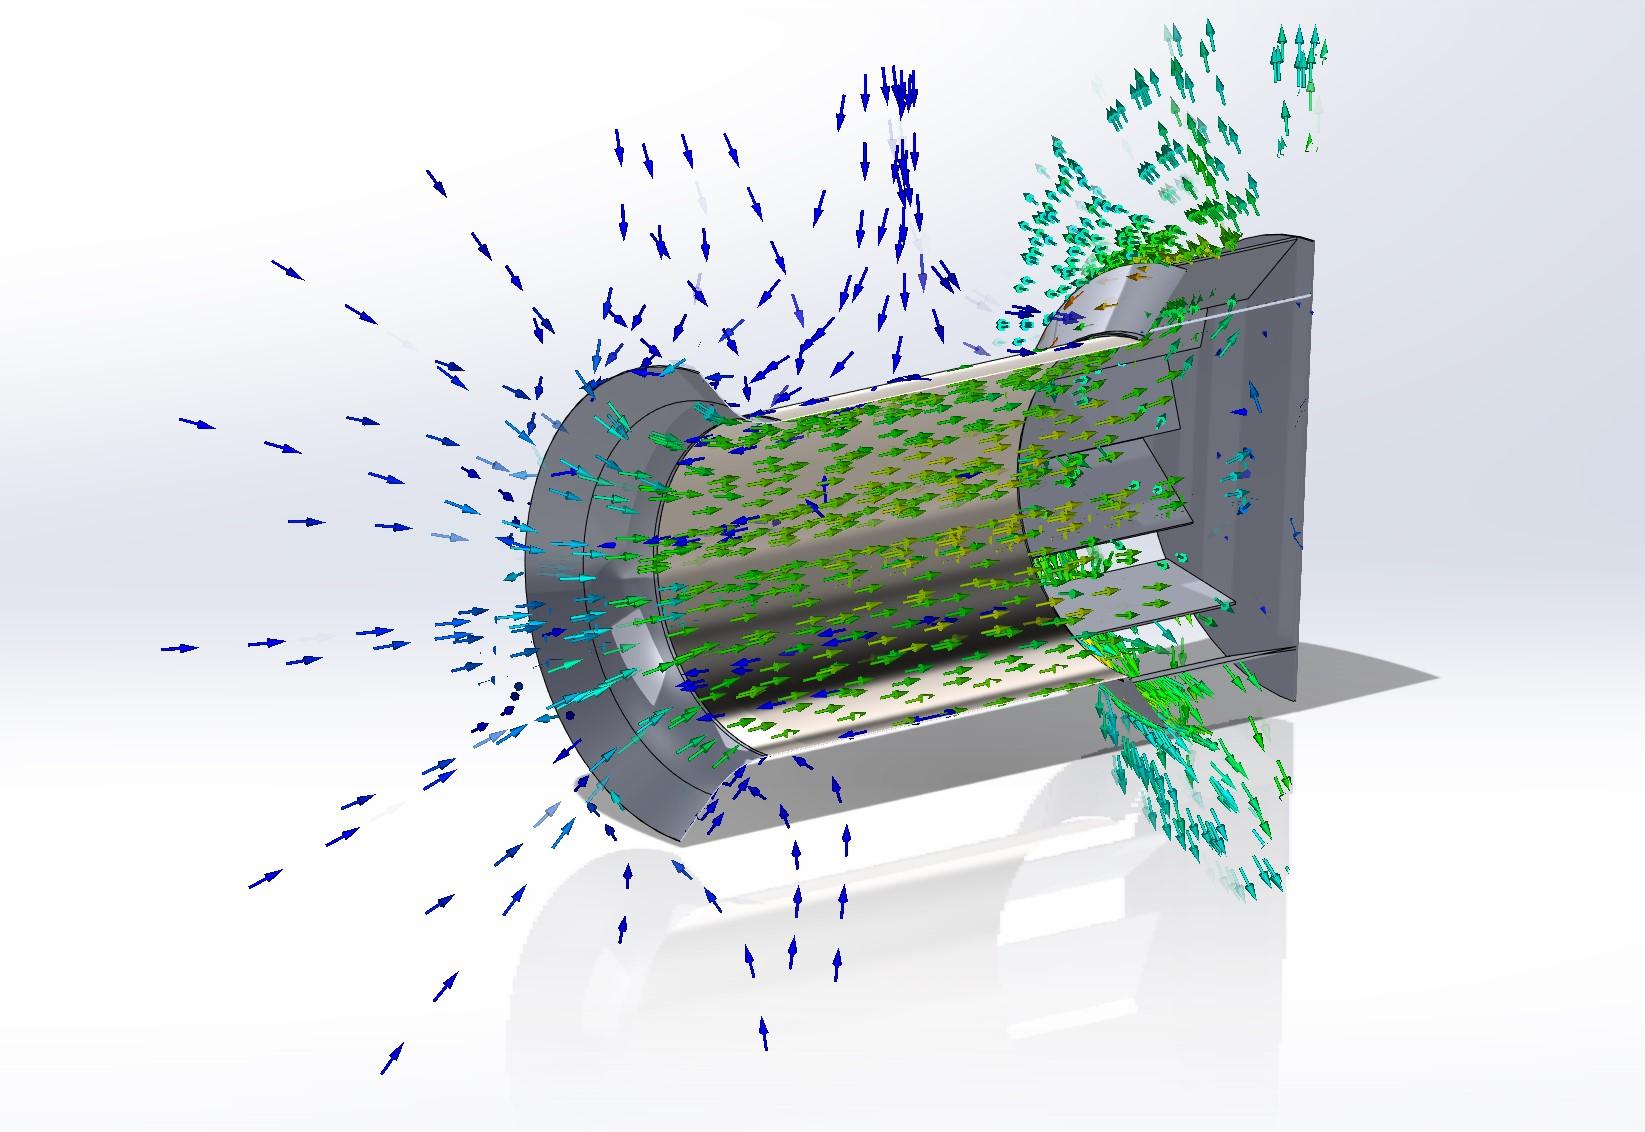 Tek-Dry Systems Fan Flow Simulation